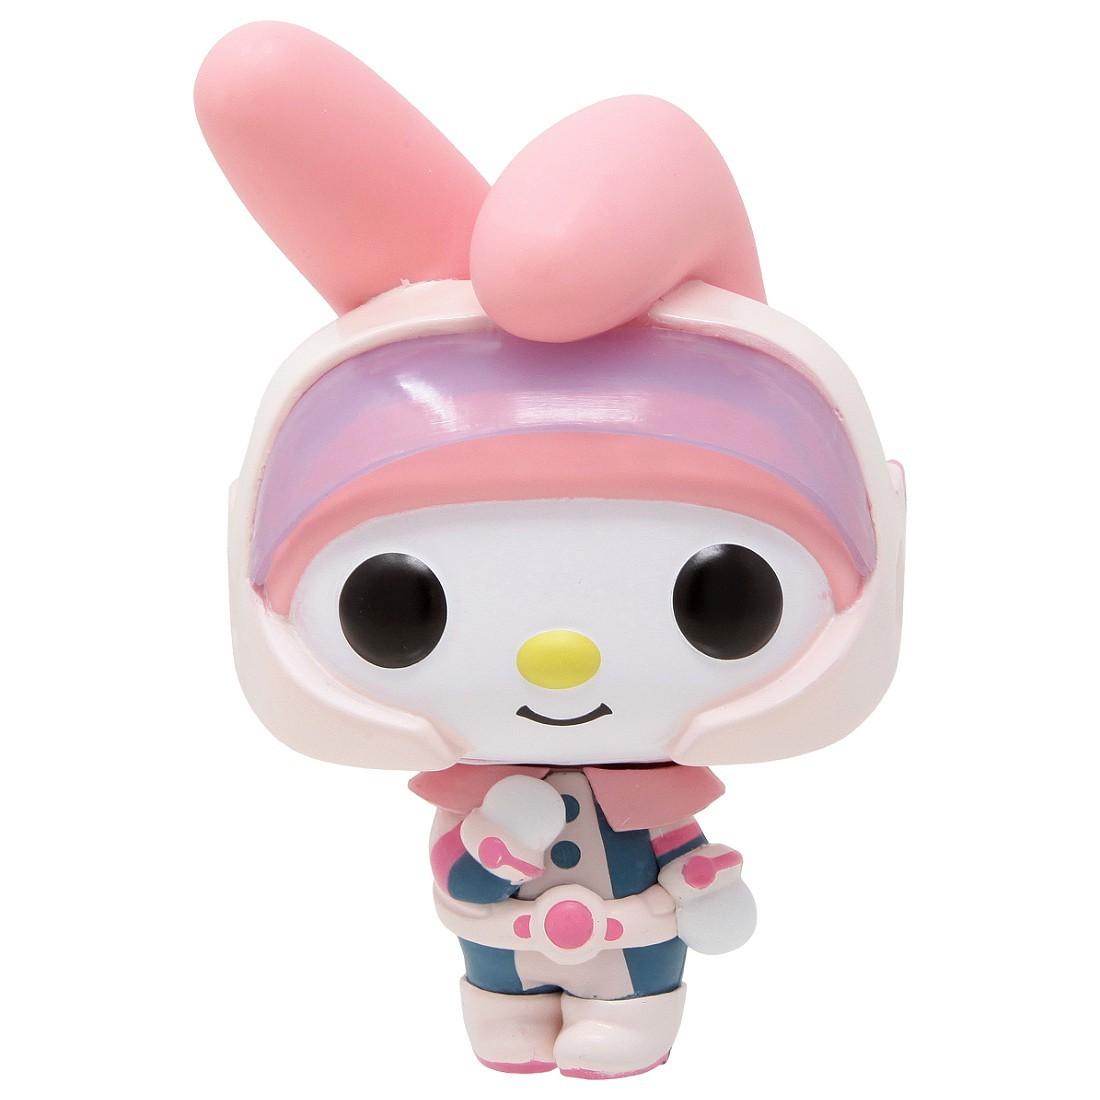 Funko Pop Animation Sanrio X My Hero Academia My Melody Ochaco Uraraka Pink